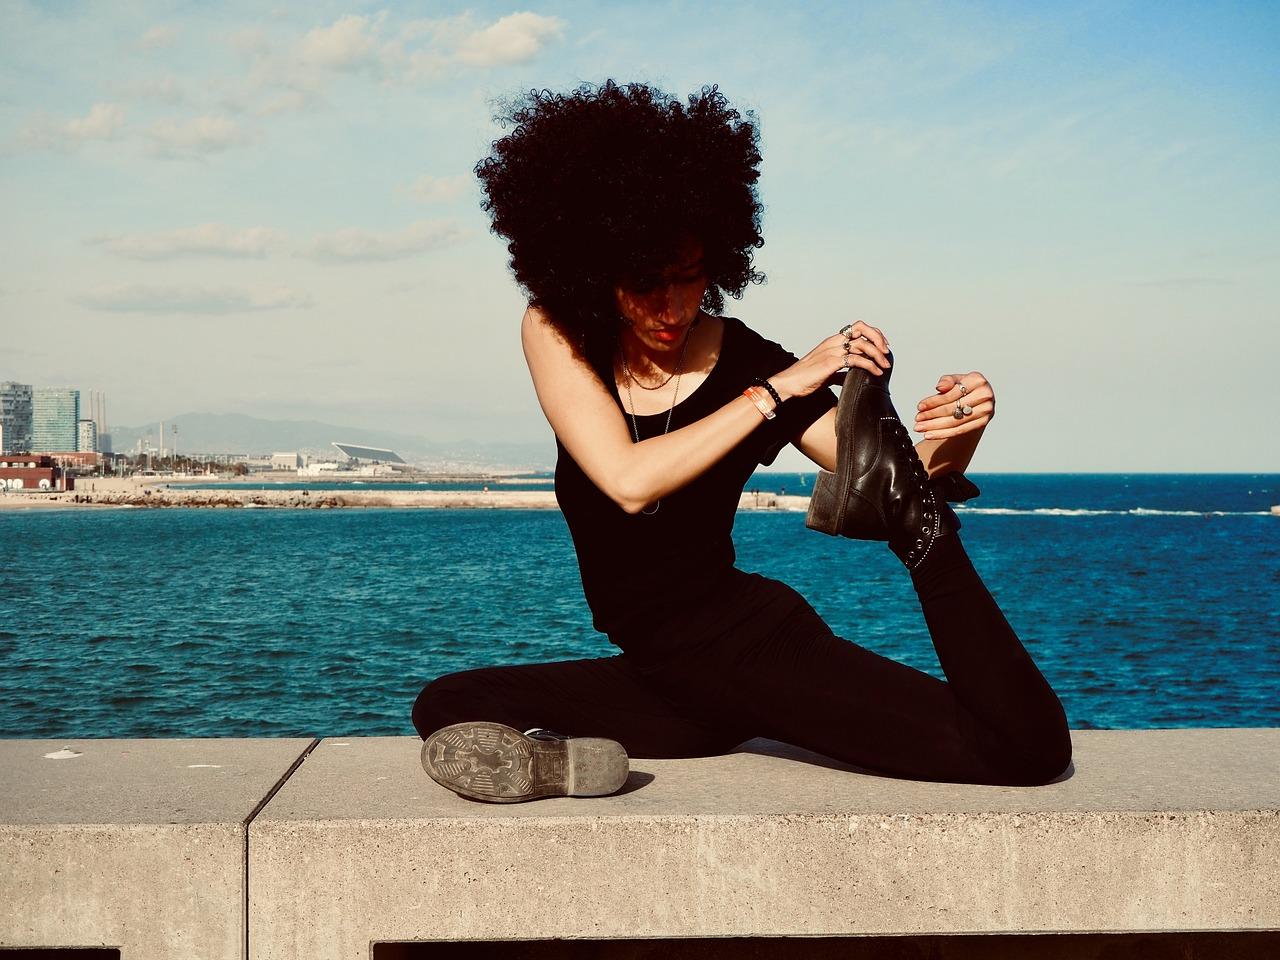 Un vrai suivi de votre santé grâce à la balance connectée